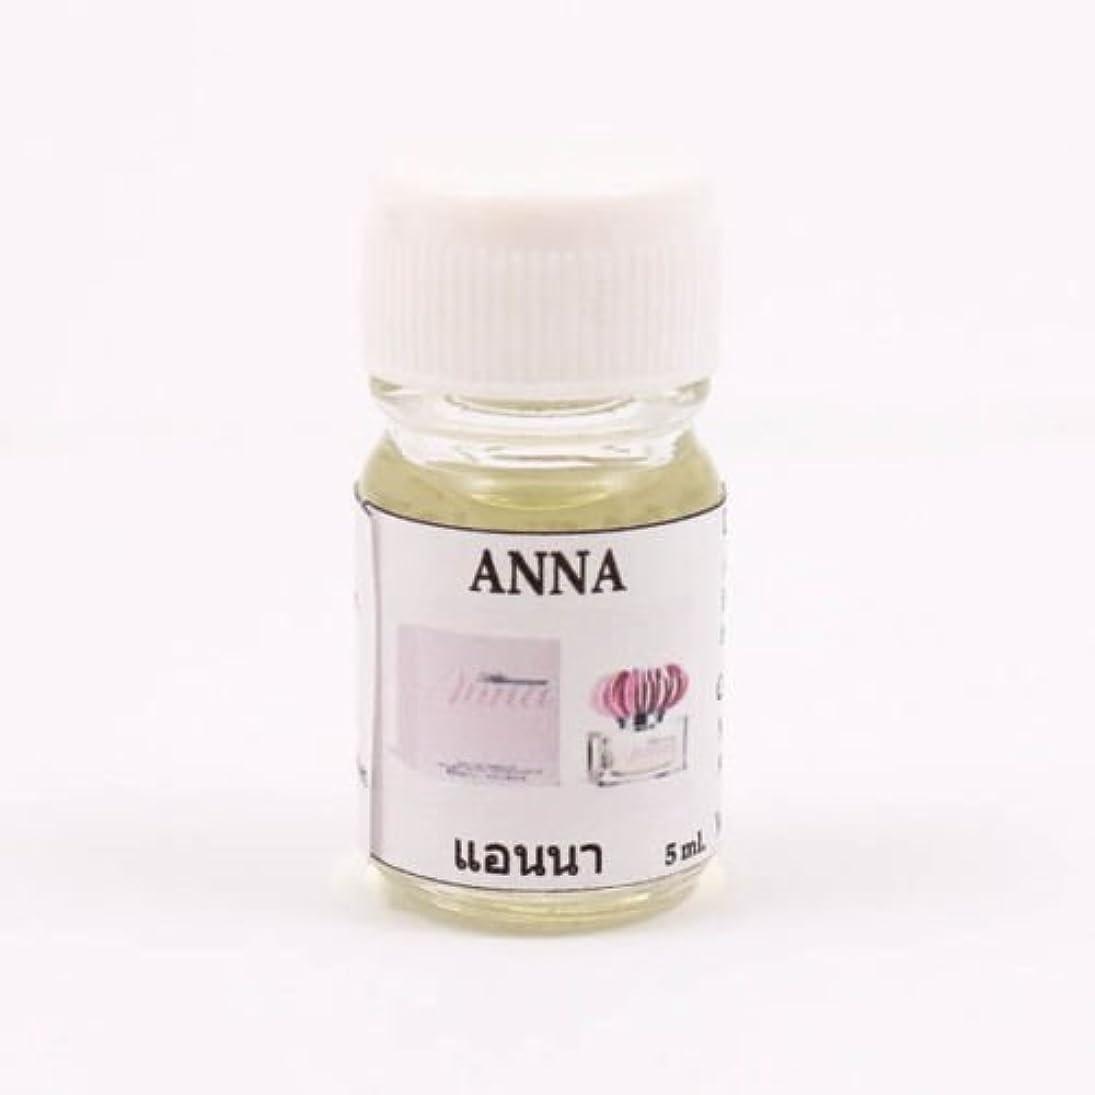 勧告バーター反抗6X Anna Aroma Fragrance Essential Oil 5ML. (cc) Diffuser Burner Therapy